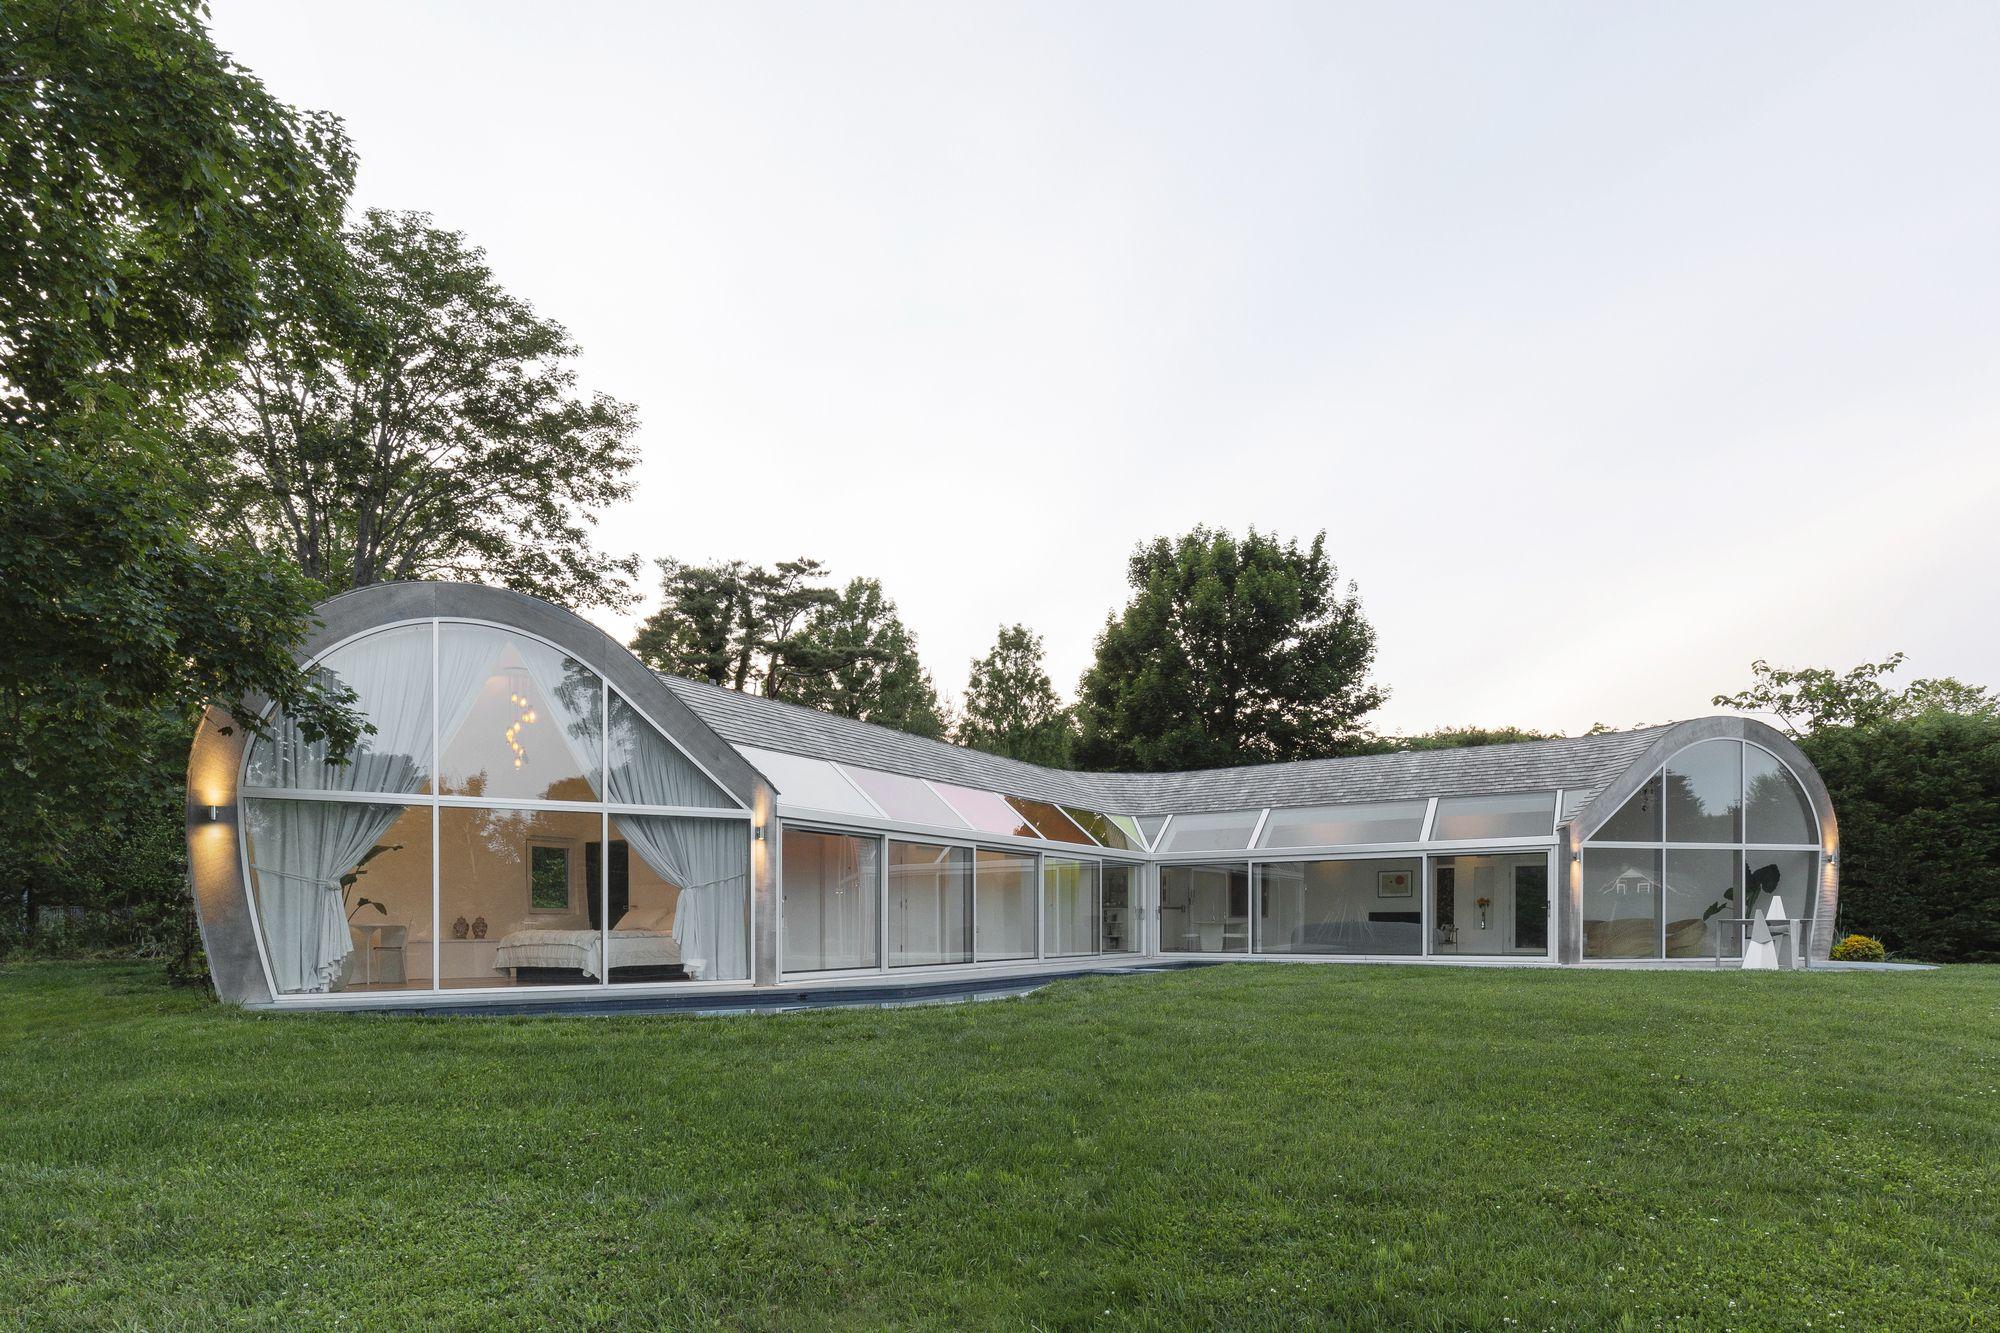 Cocoon house nea studio architecture amazing